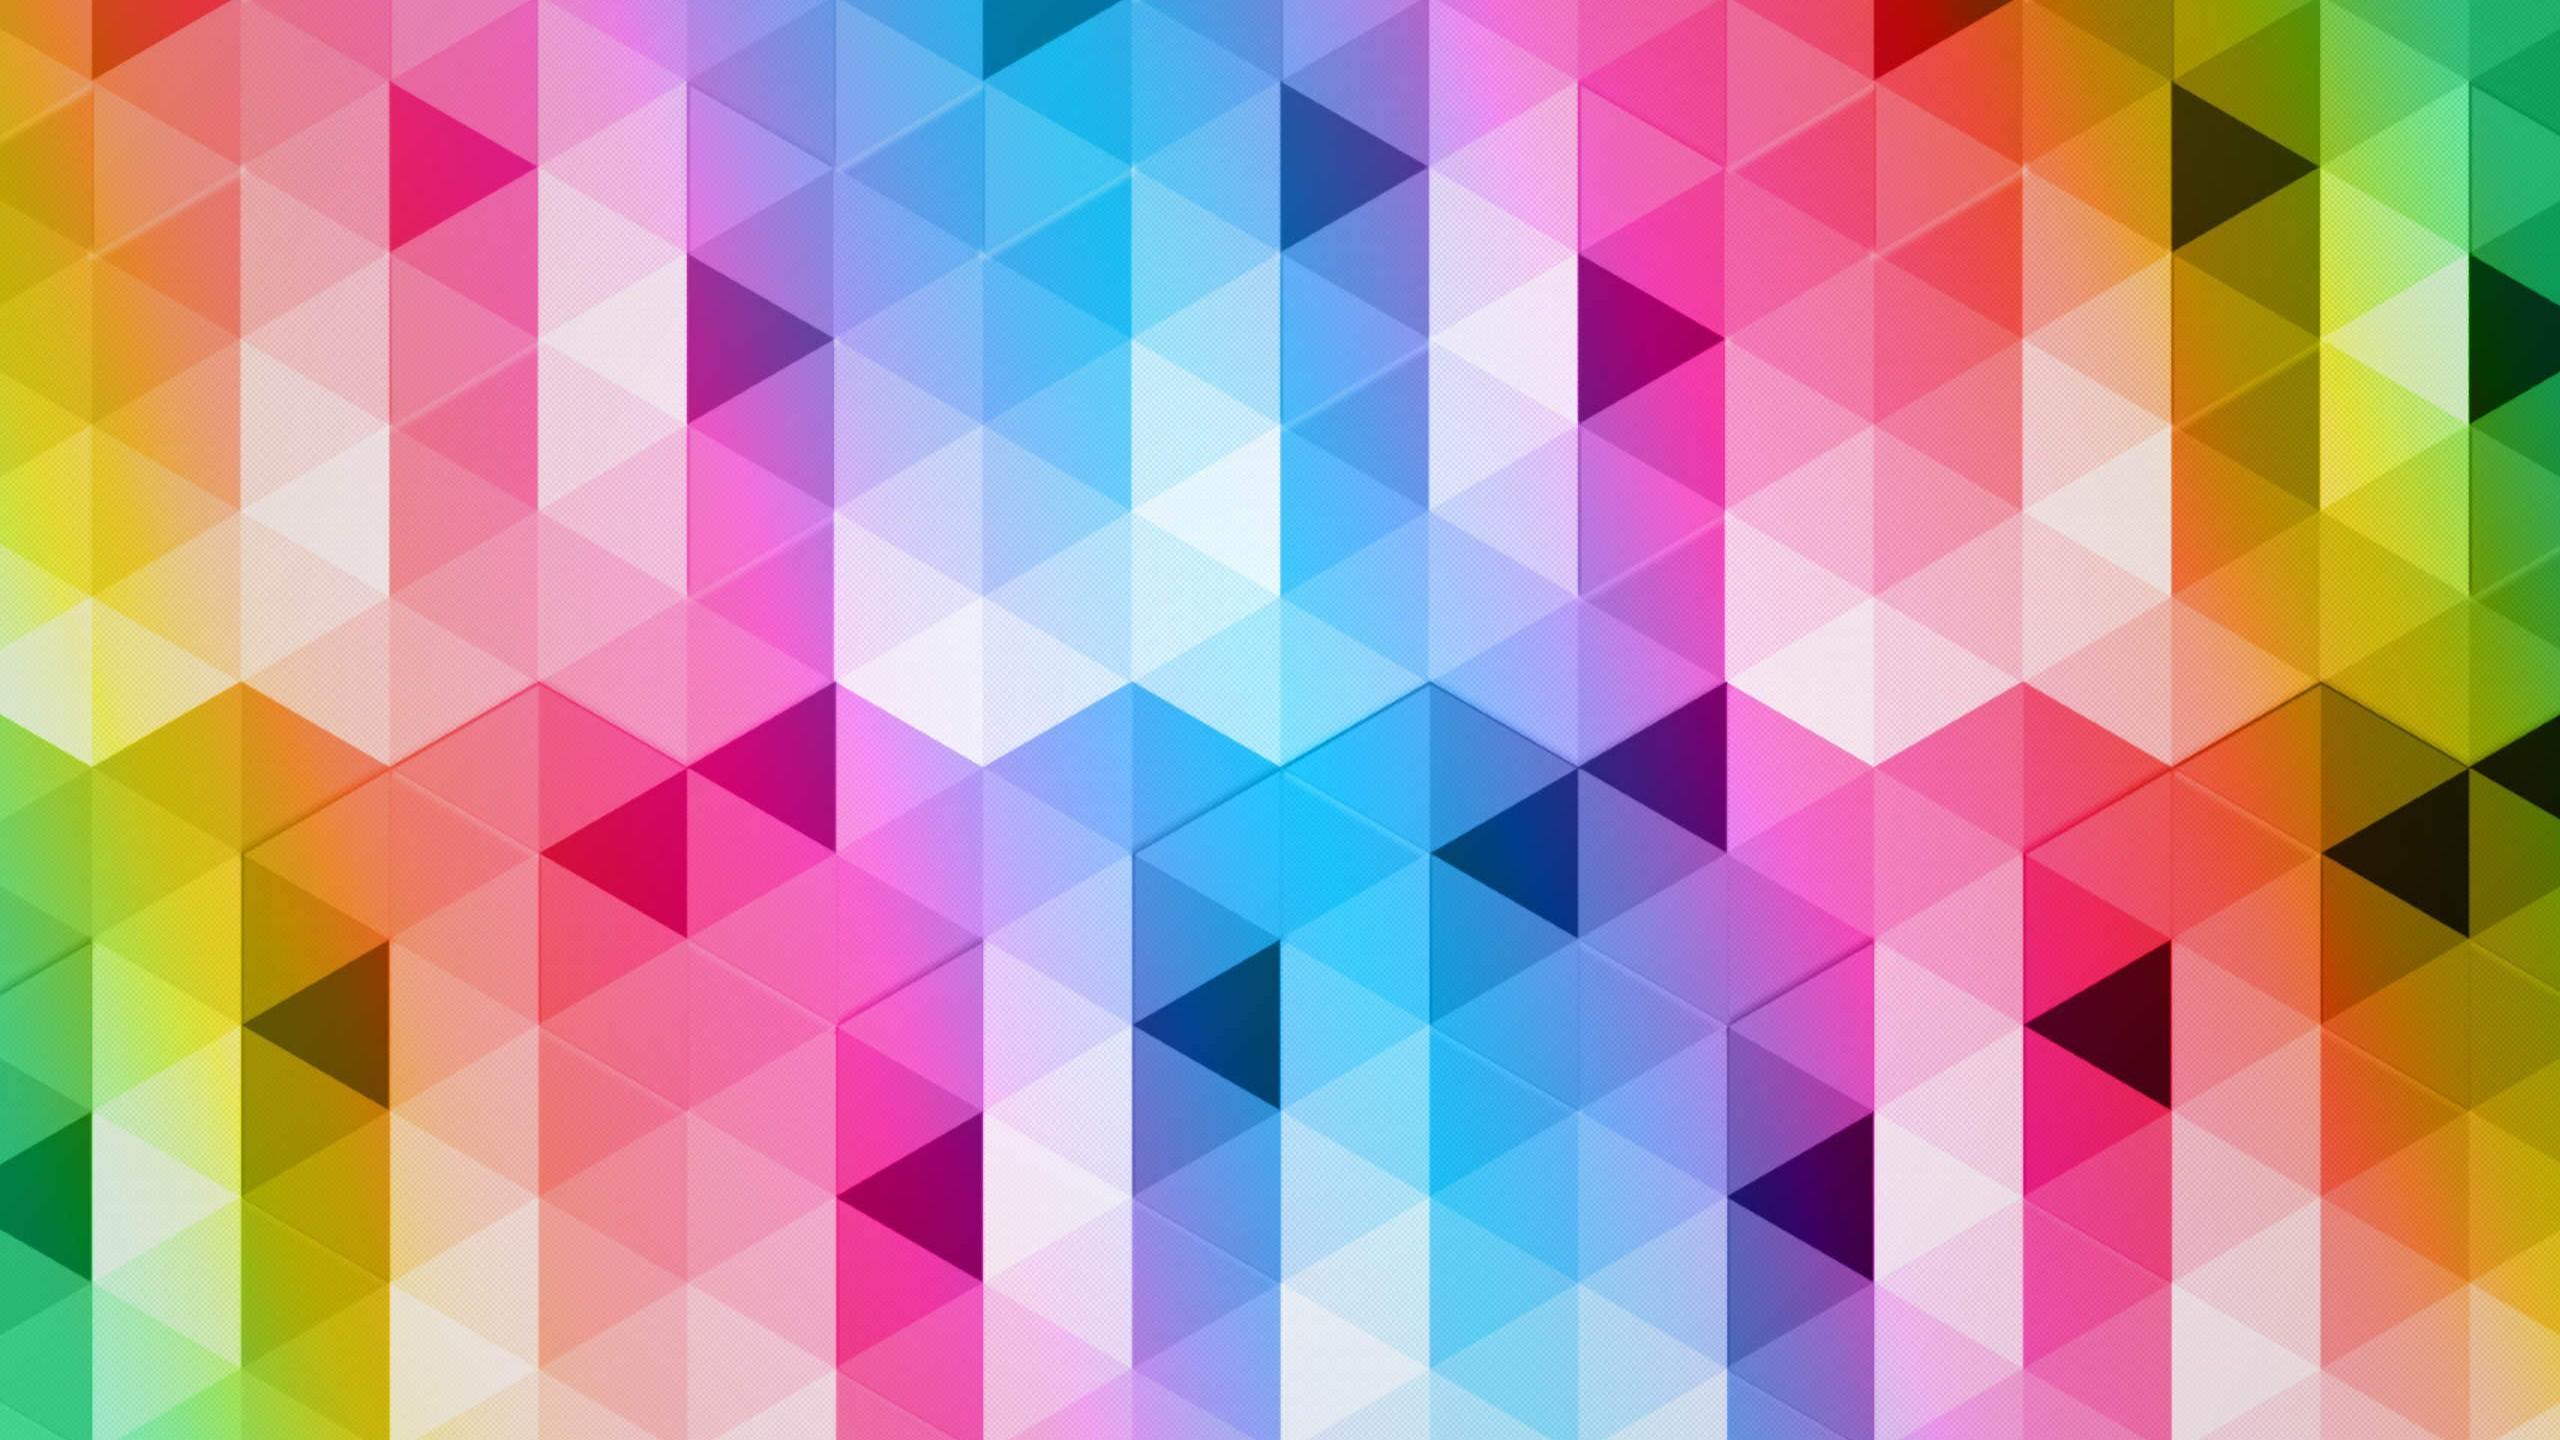 Grads by HD wallpaper for Youtube Channel Art – HDwallpapers.net .